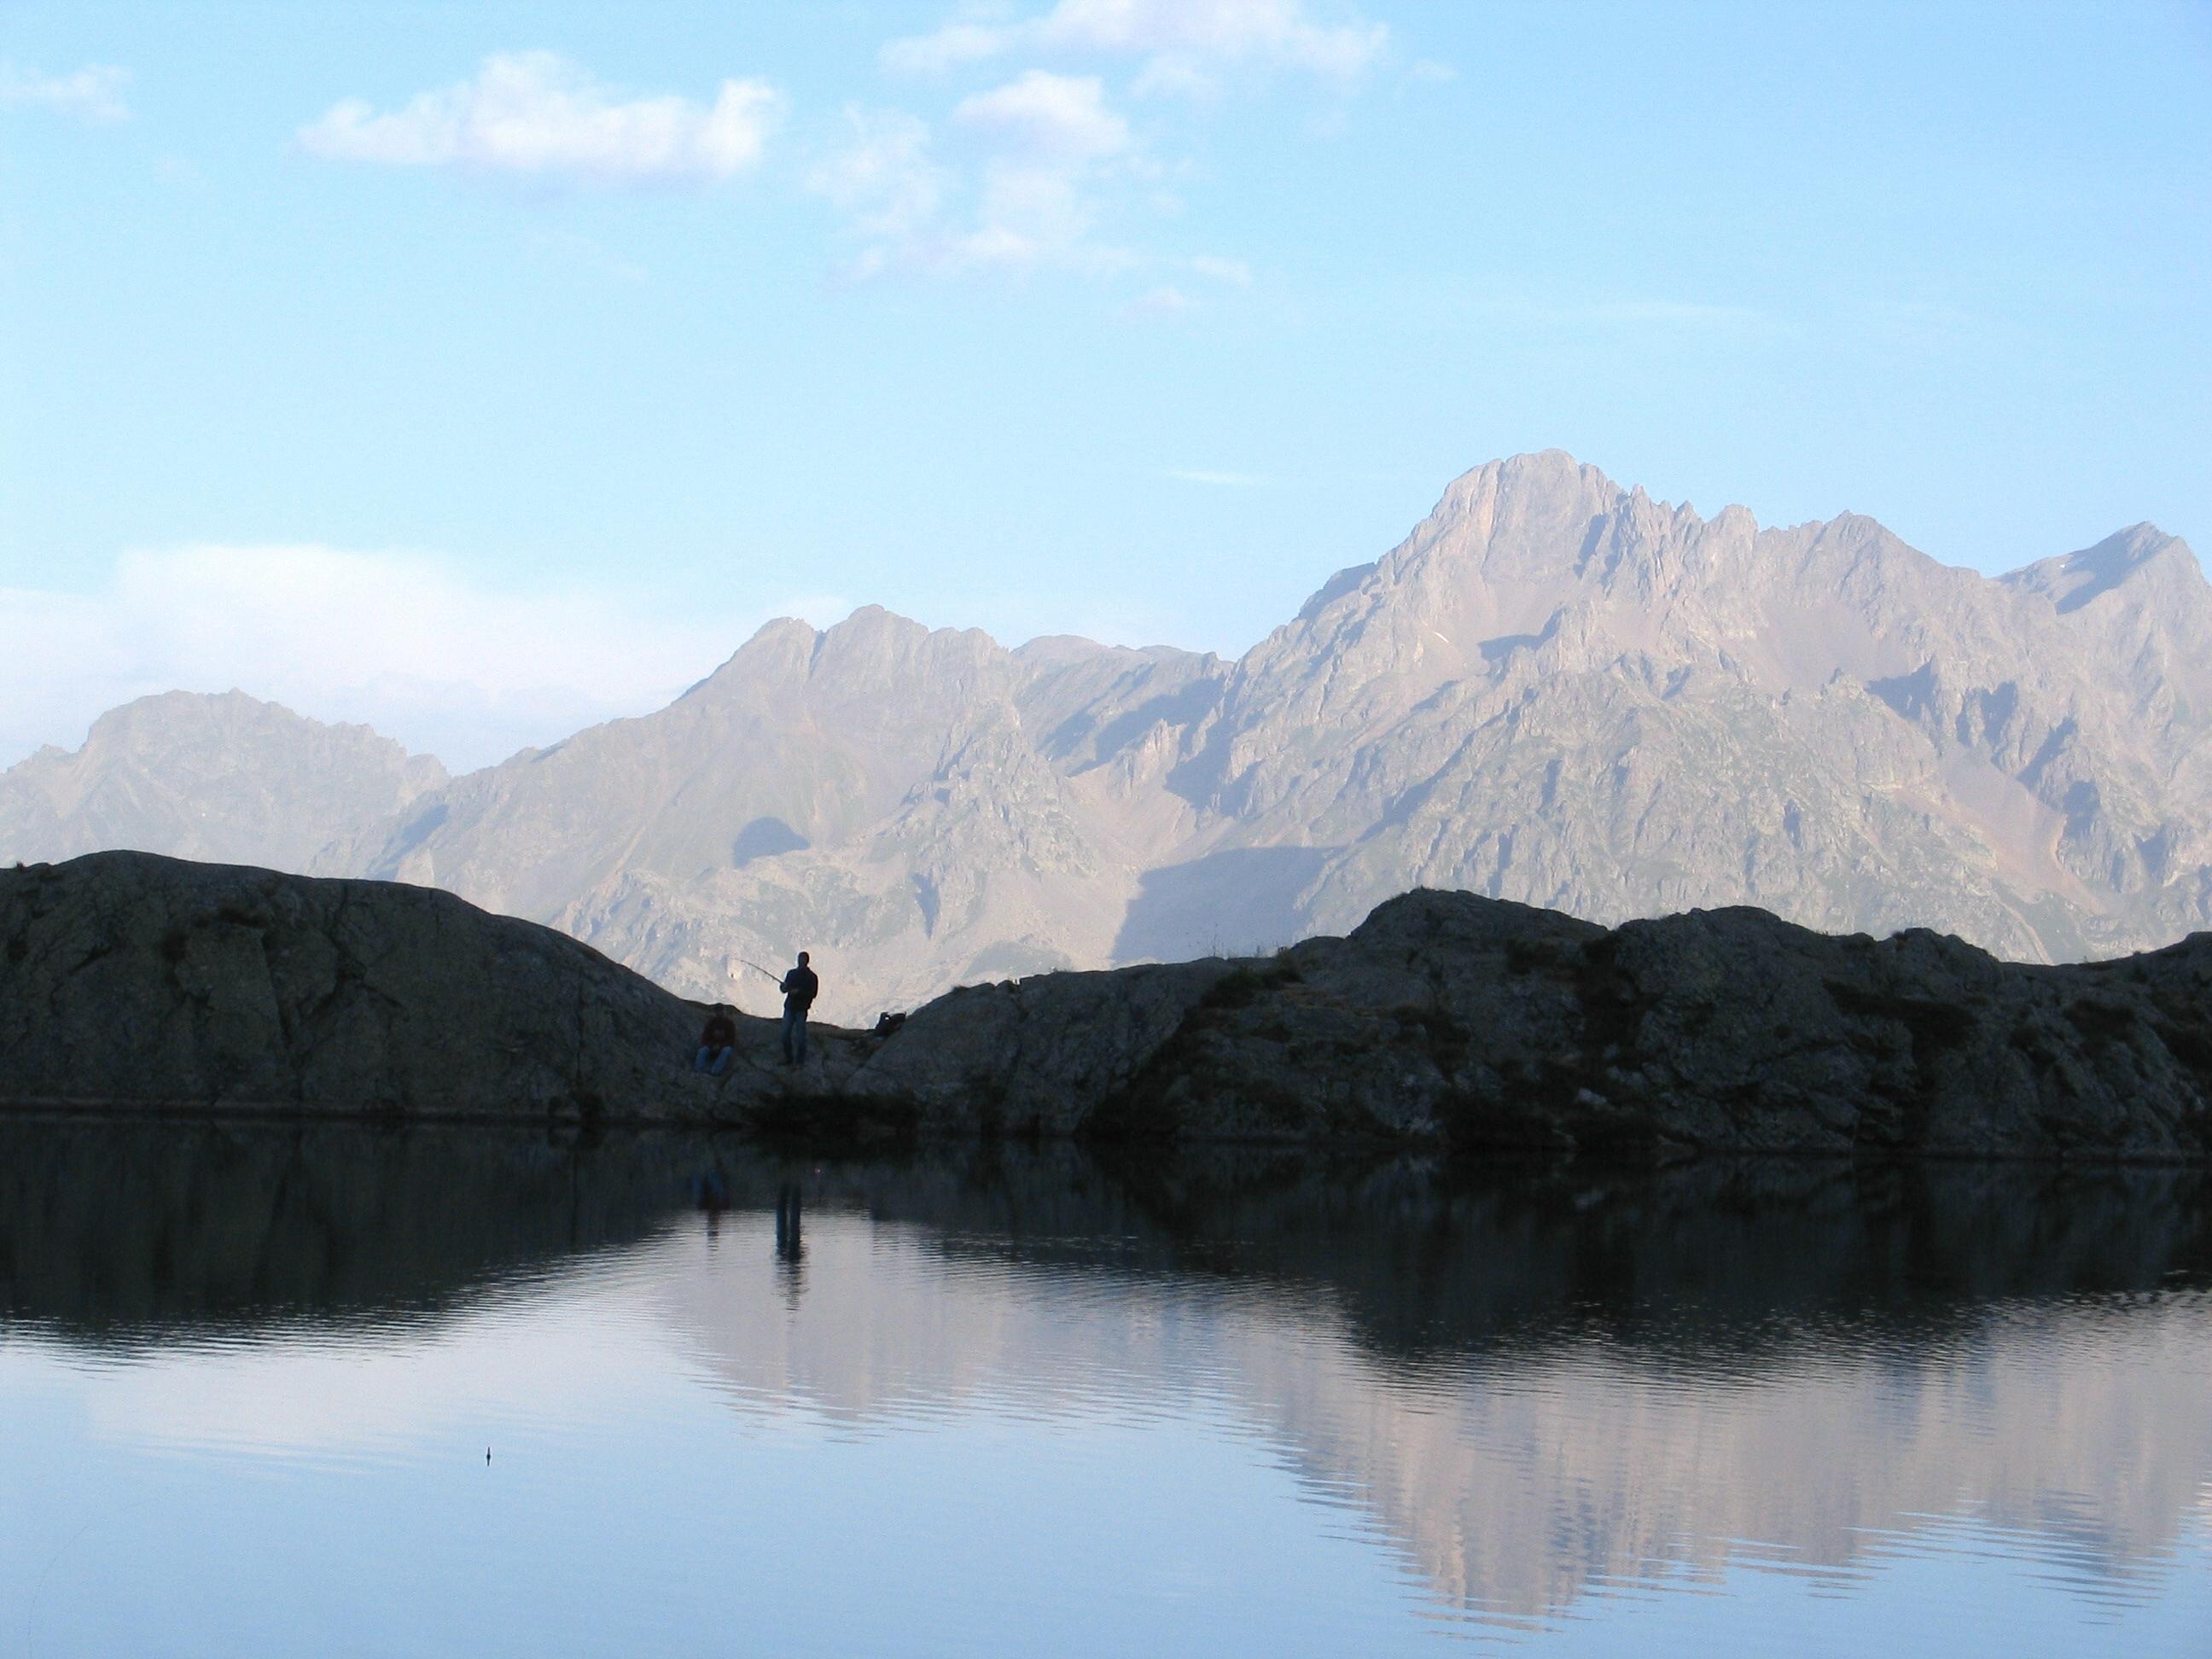 Pêche à la truite au lac Besson - Al